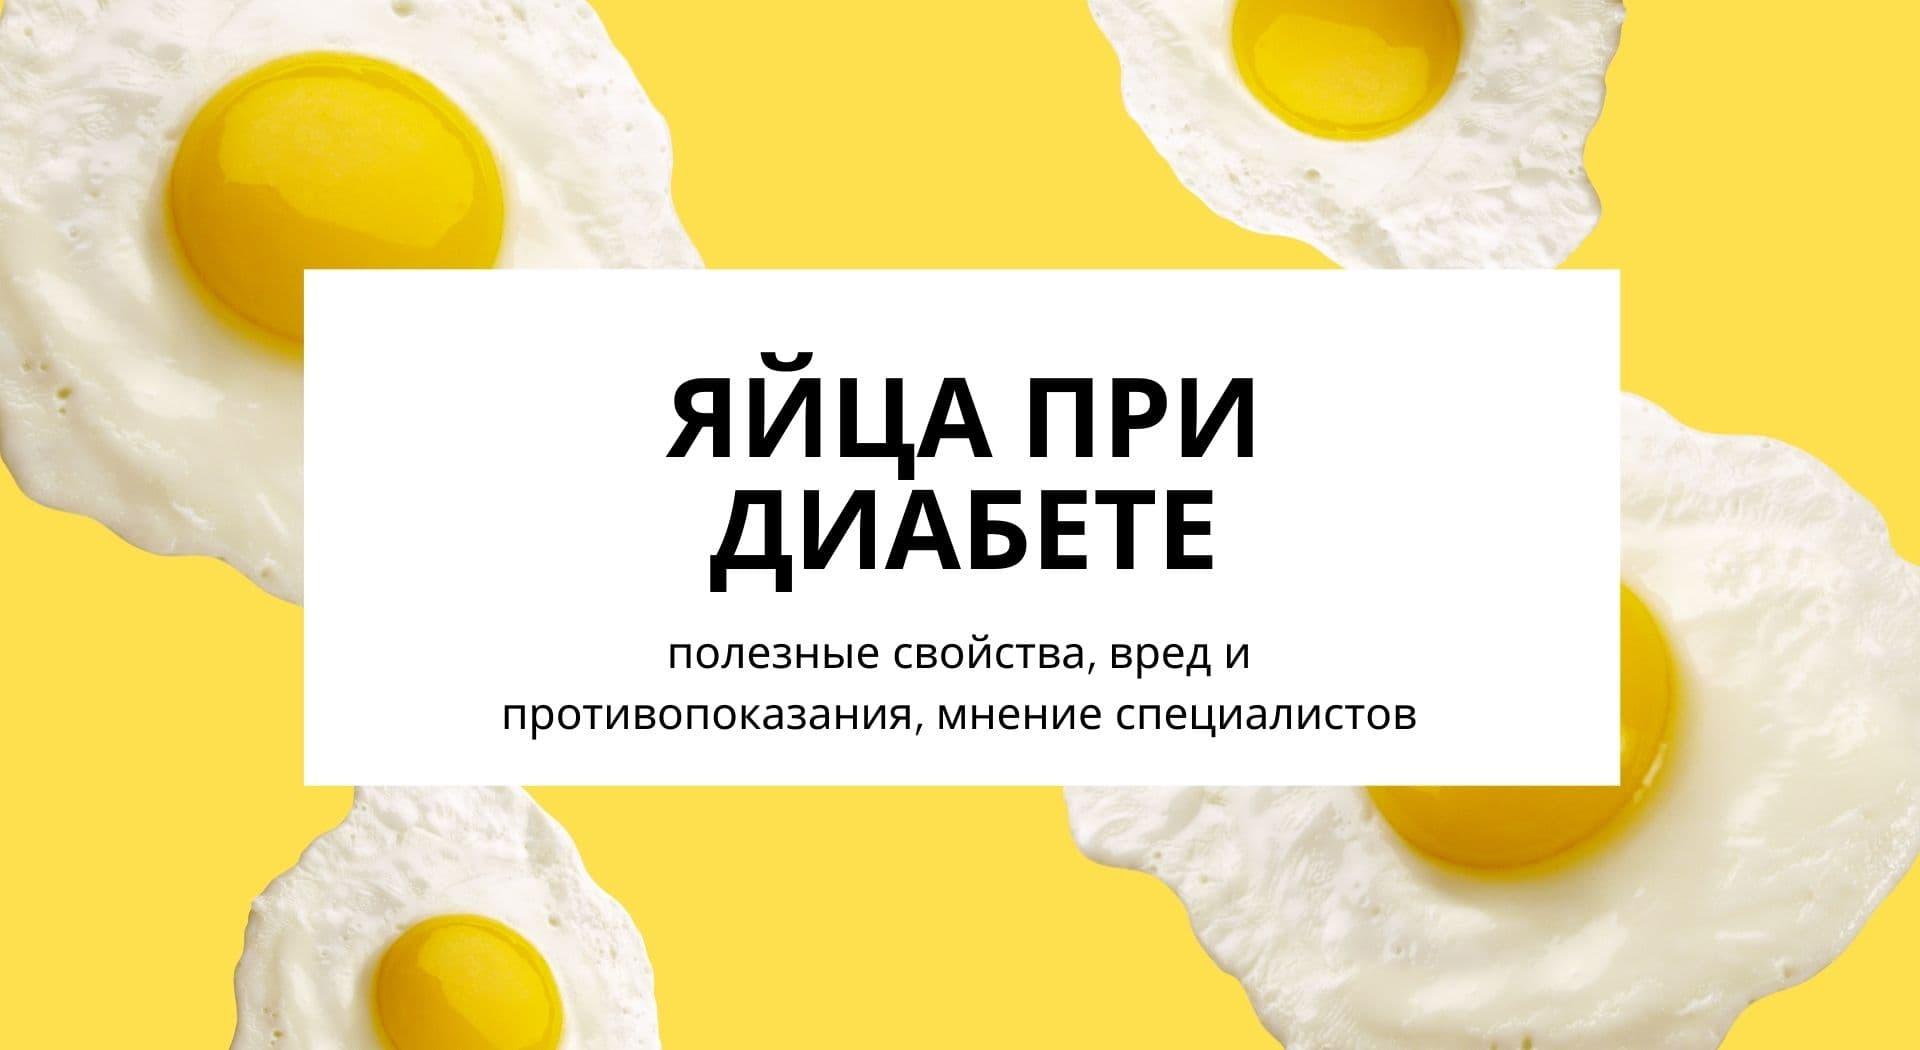 Яйца при диабете: полезные свойства, вред и противопоказания, мнение специалистов